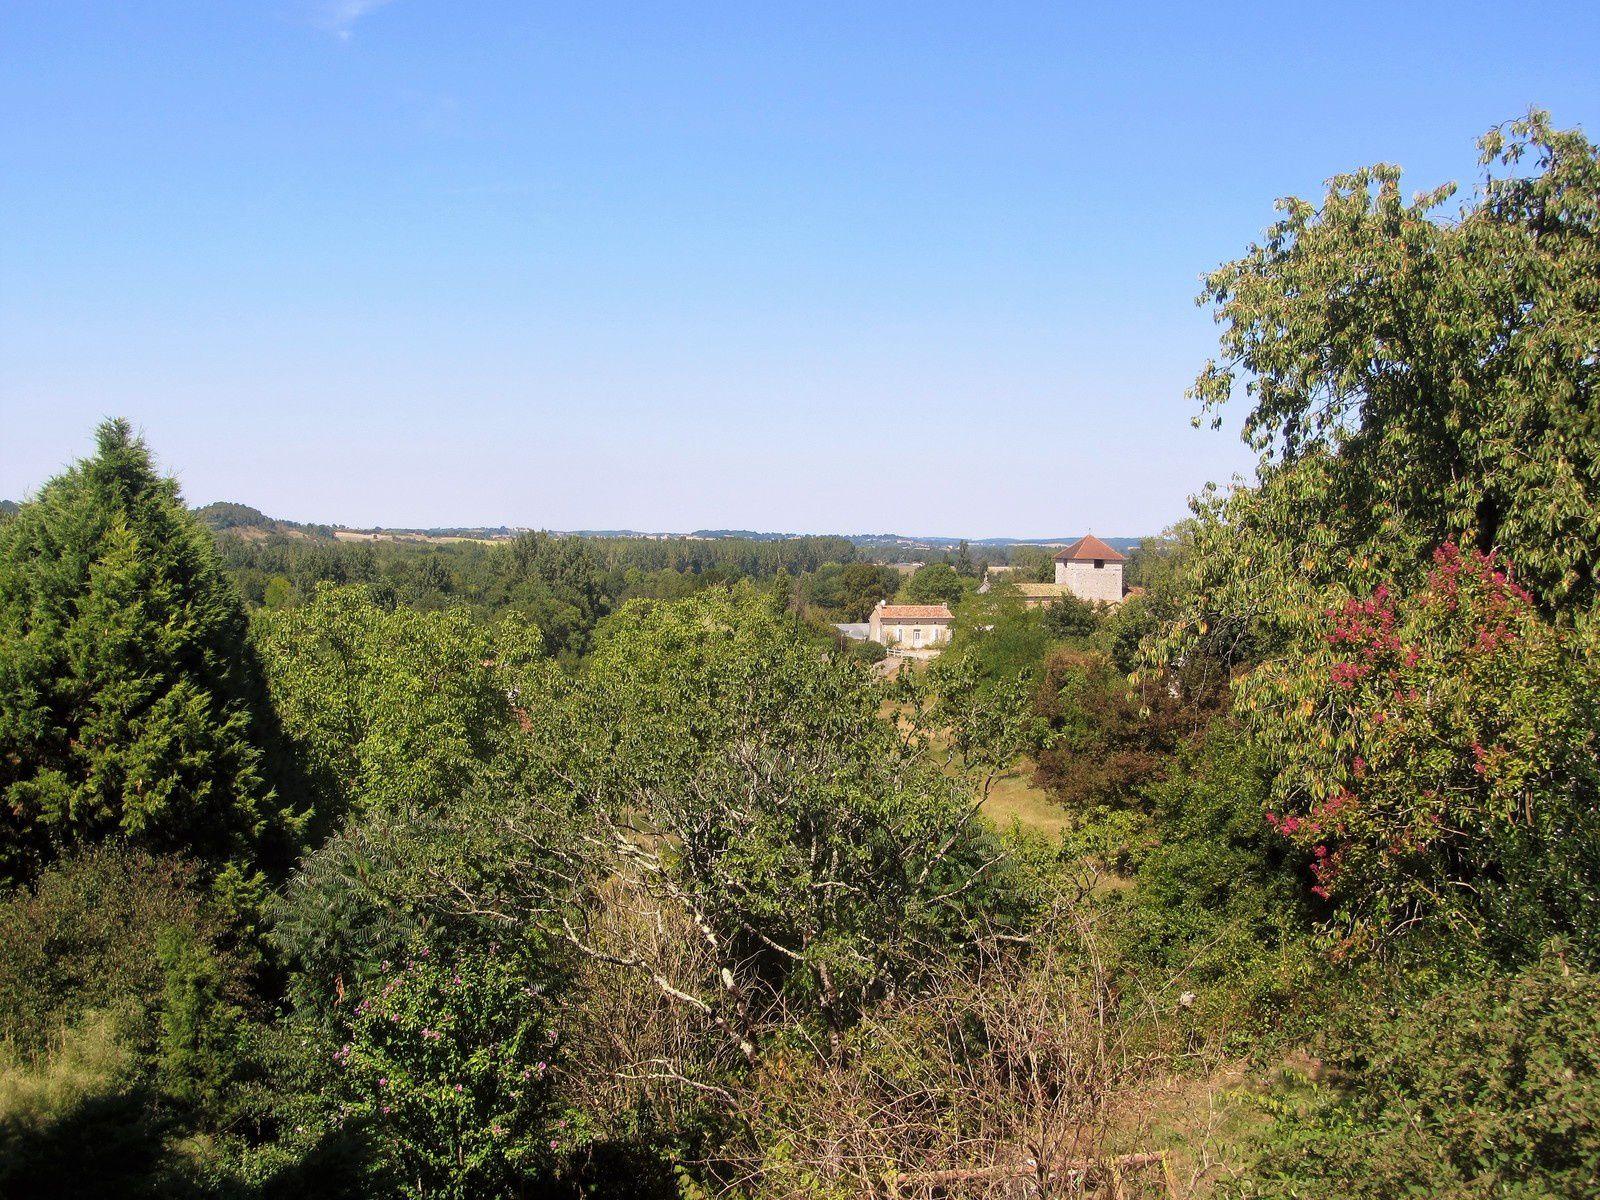 Nous avons ensuite continué notre balade dans le village de Saint Aulaye. Cette commune est située dans le département de la Dordogne en région Nouvelle-Aquitaine.